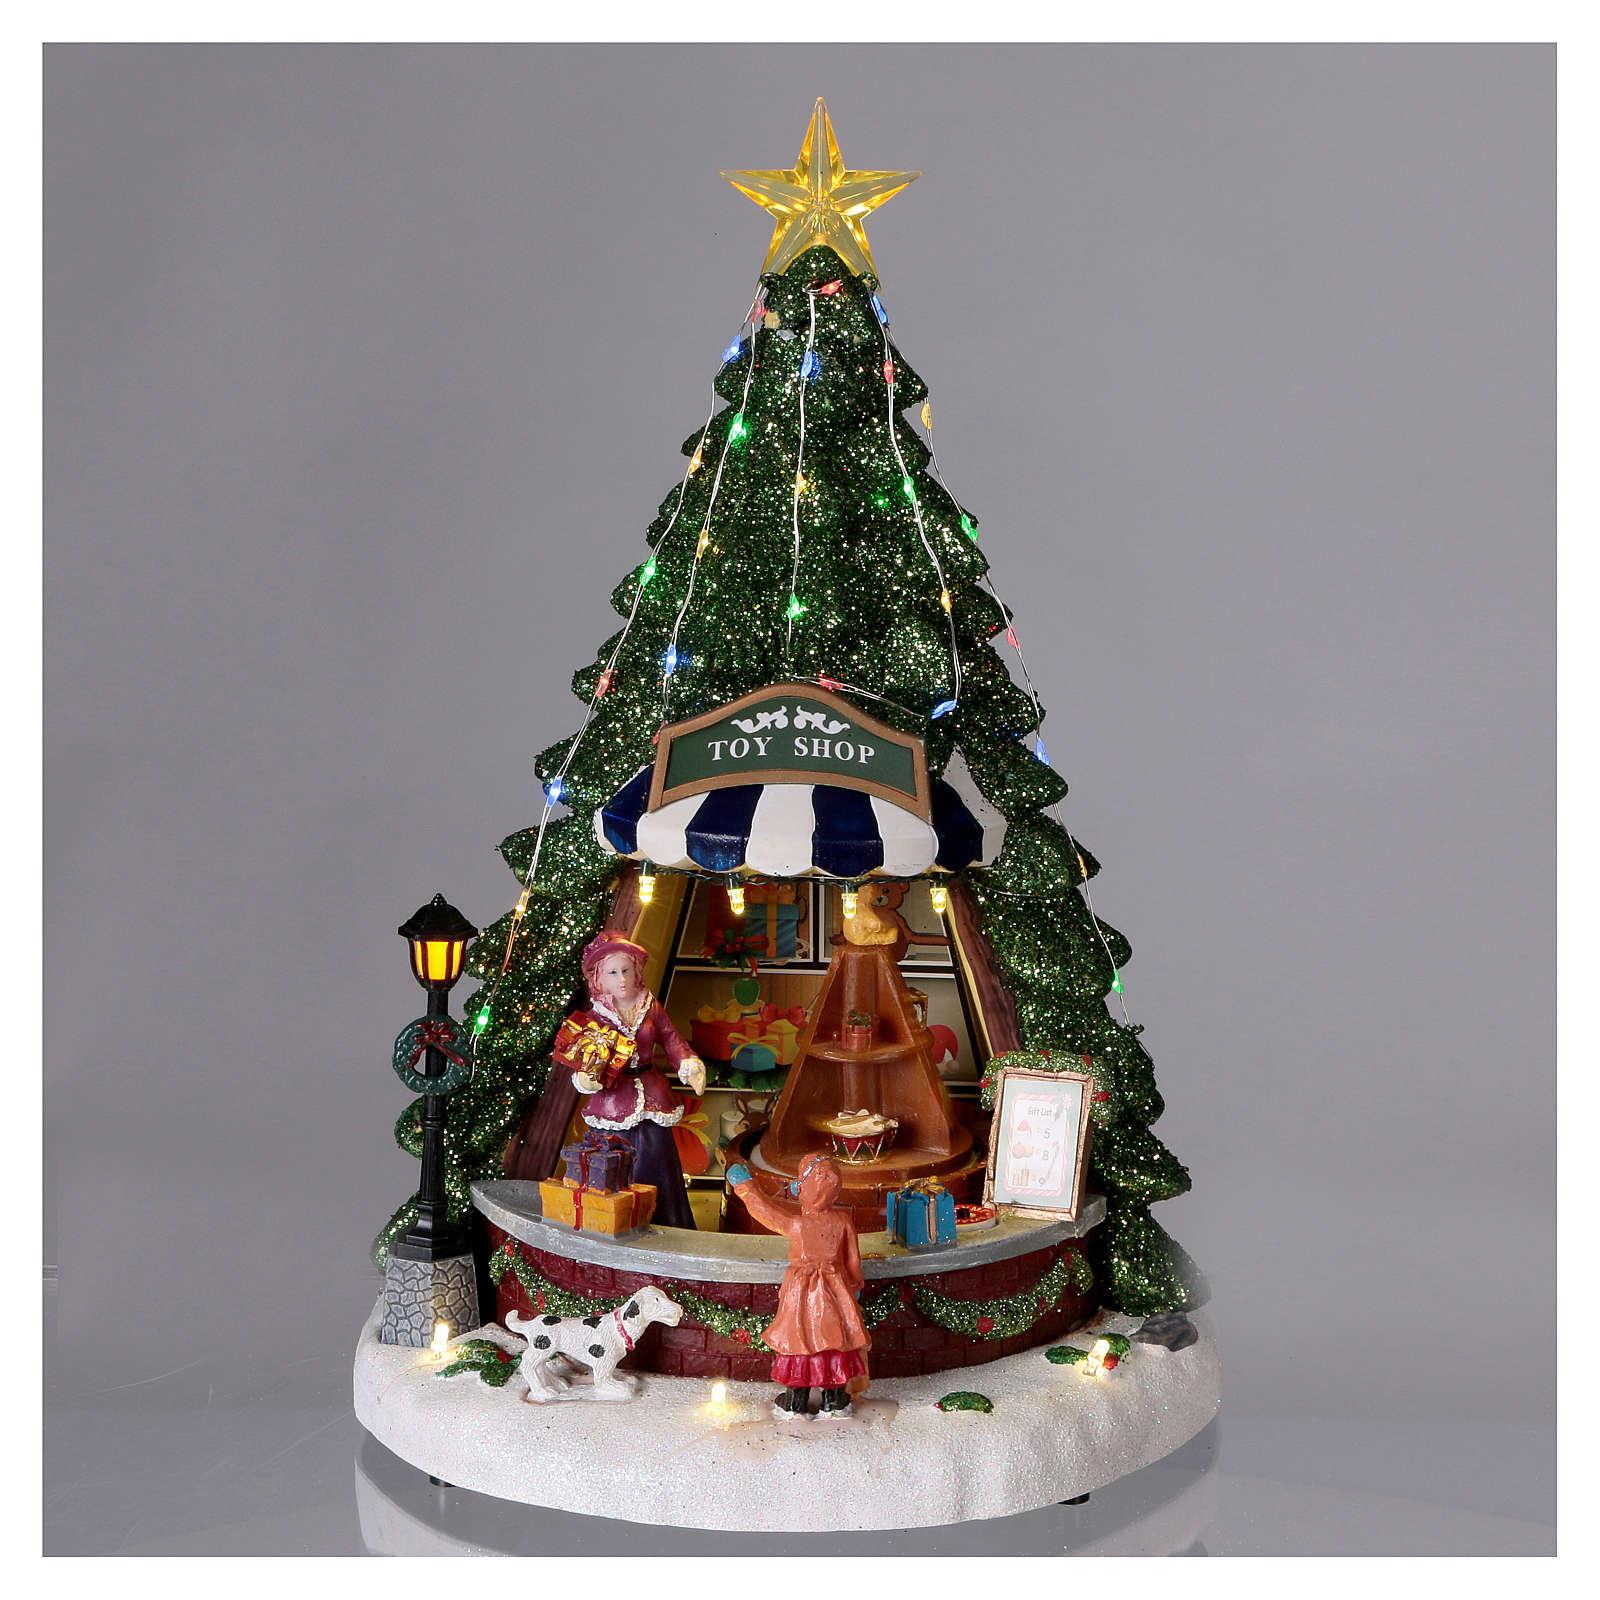 Paysage de Noël 30x25x25 cm comptoir des jouets mouvement piles et courant 3